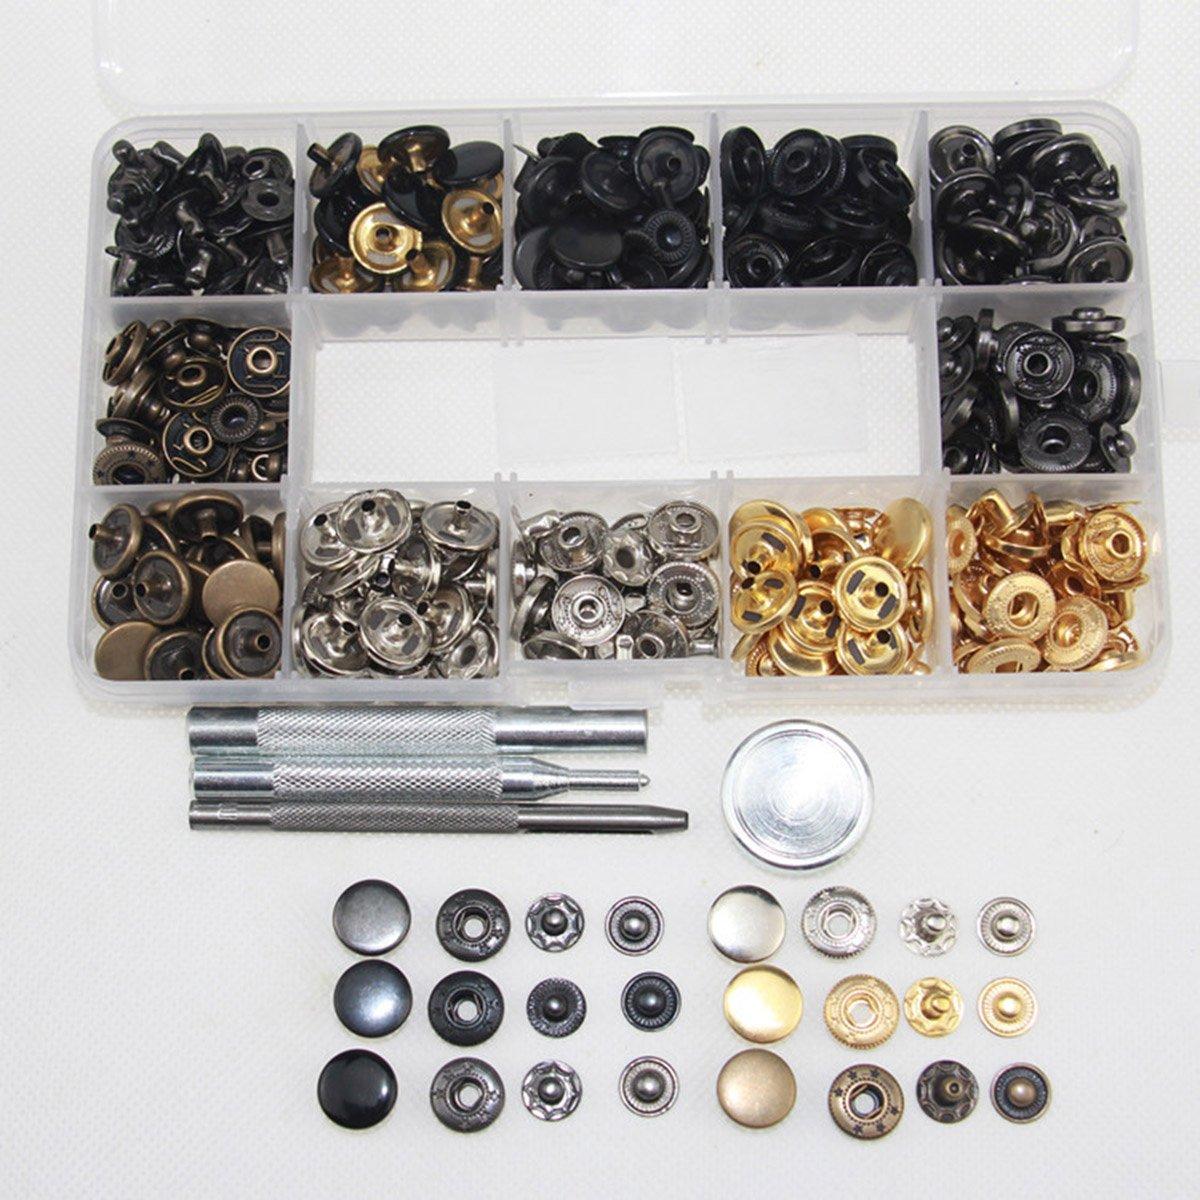 120pcs Botones de Metal,Metal Snap Botones de presi/ón,Cap Remaches Tubular de Remache,4pcs instalan herramienta para cuero DIY sombrero botones de metal con caja de almacenamiento mochila